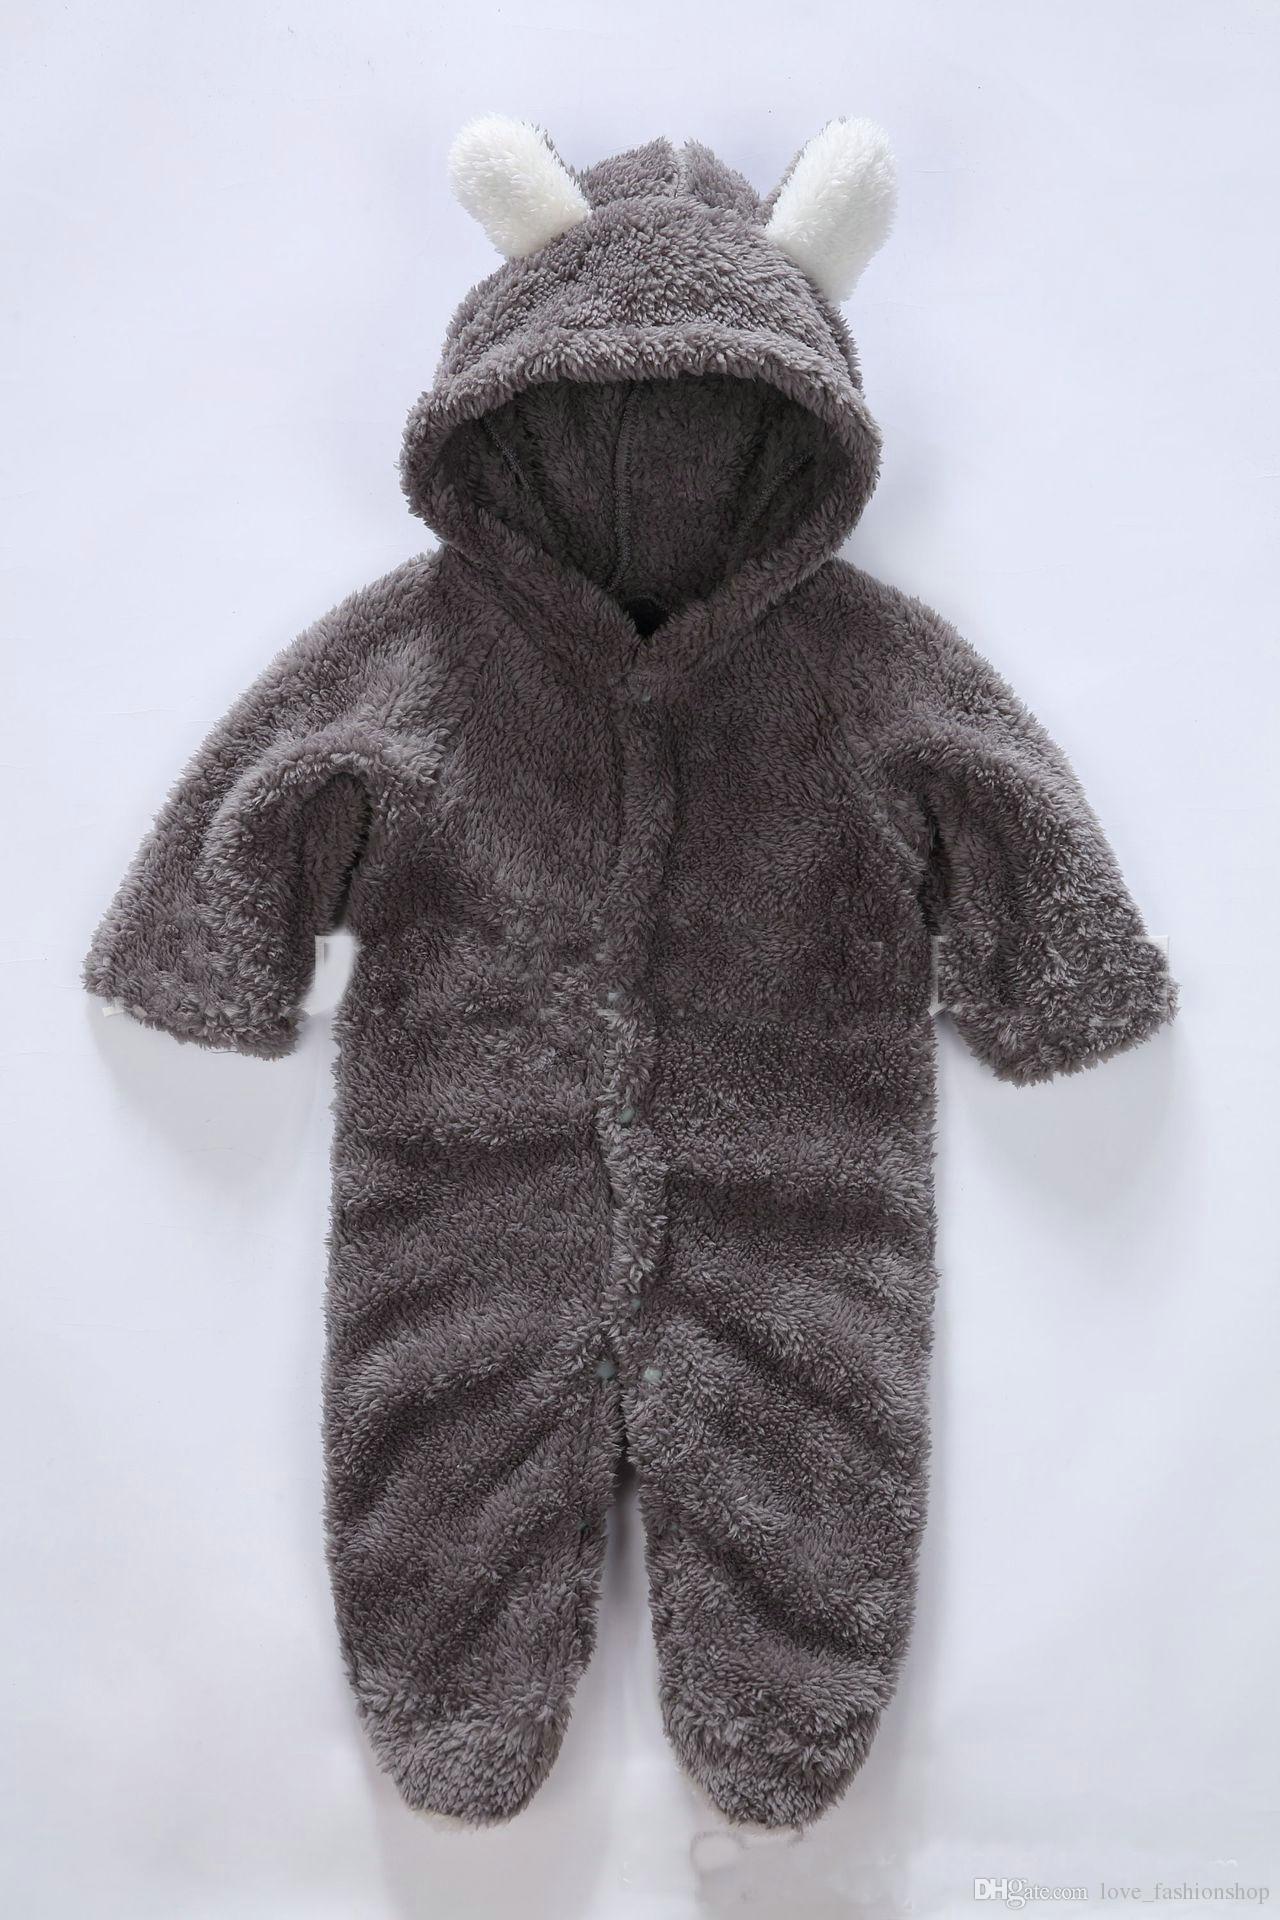 5スタイルベビーロンパース女の子男の子ワンピースパターンアニマルウォーマーティンセンサンタルフリースジャンプスーツクライム服子供幼児ブティック服